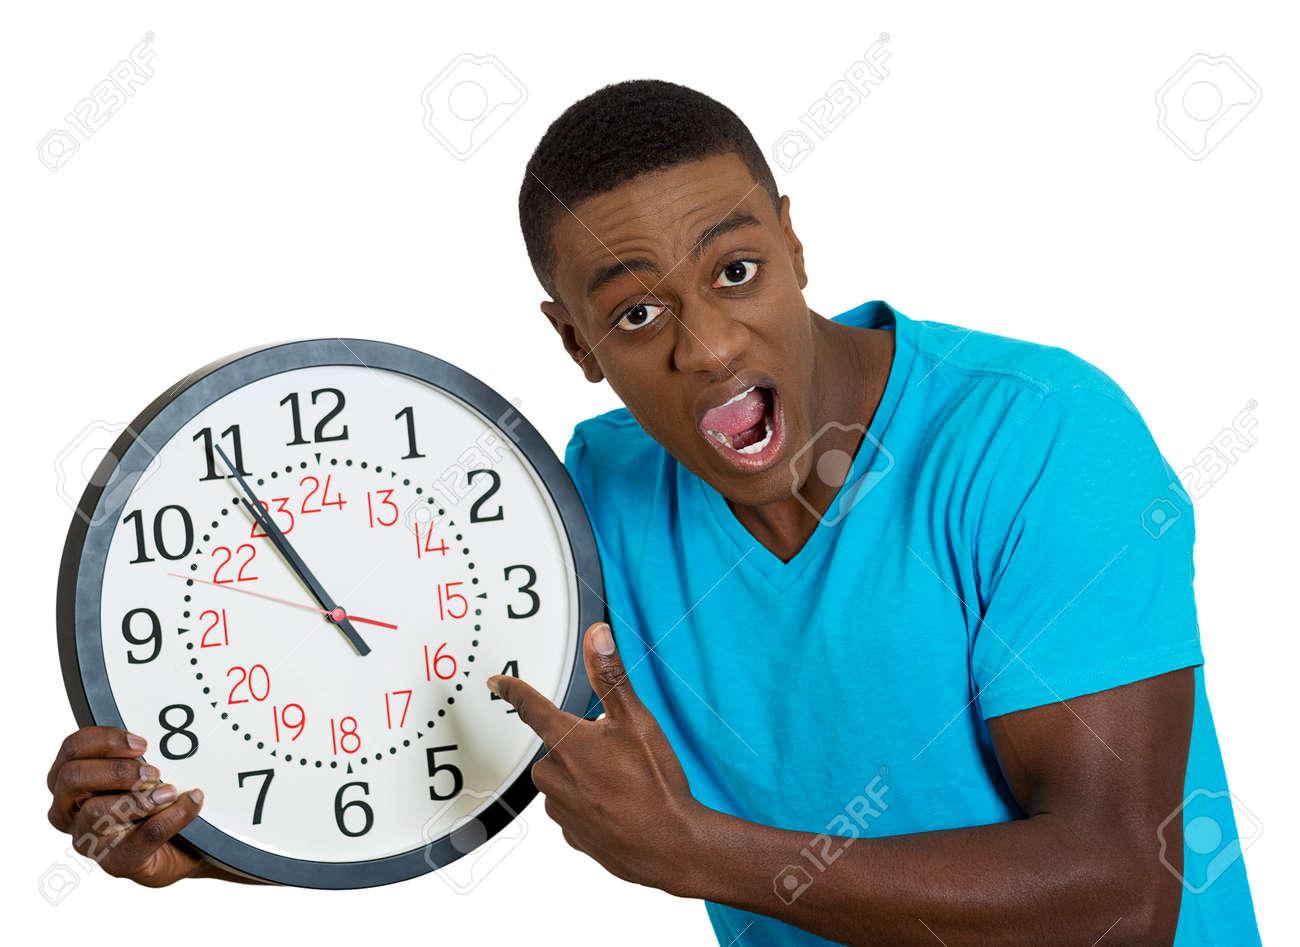 Del Gracioso Estudiante Primer De Hombre Uñas Aspecto La Retrato ParedSubrayó Celebración Falta Por Morderse Presionados Reloj Las GqSpLUzVM